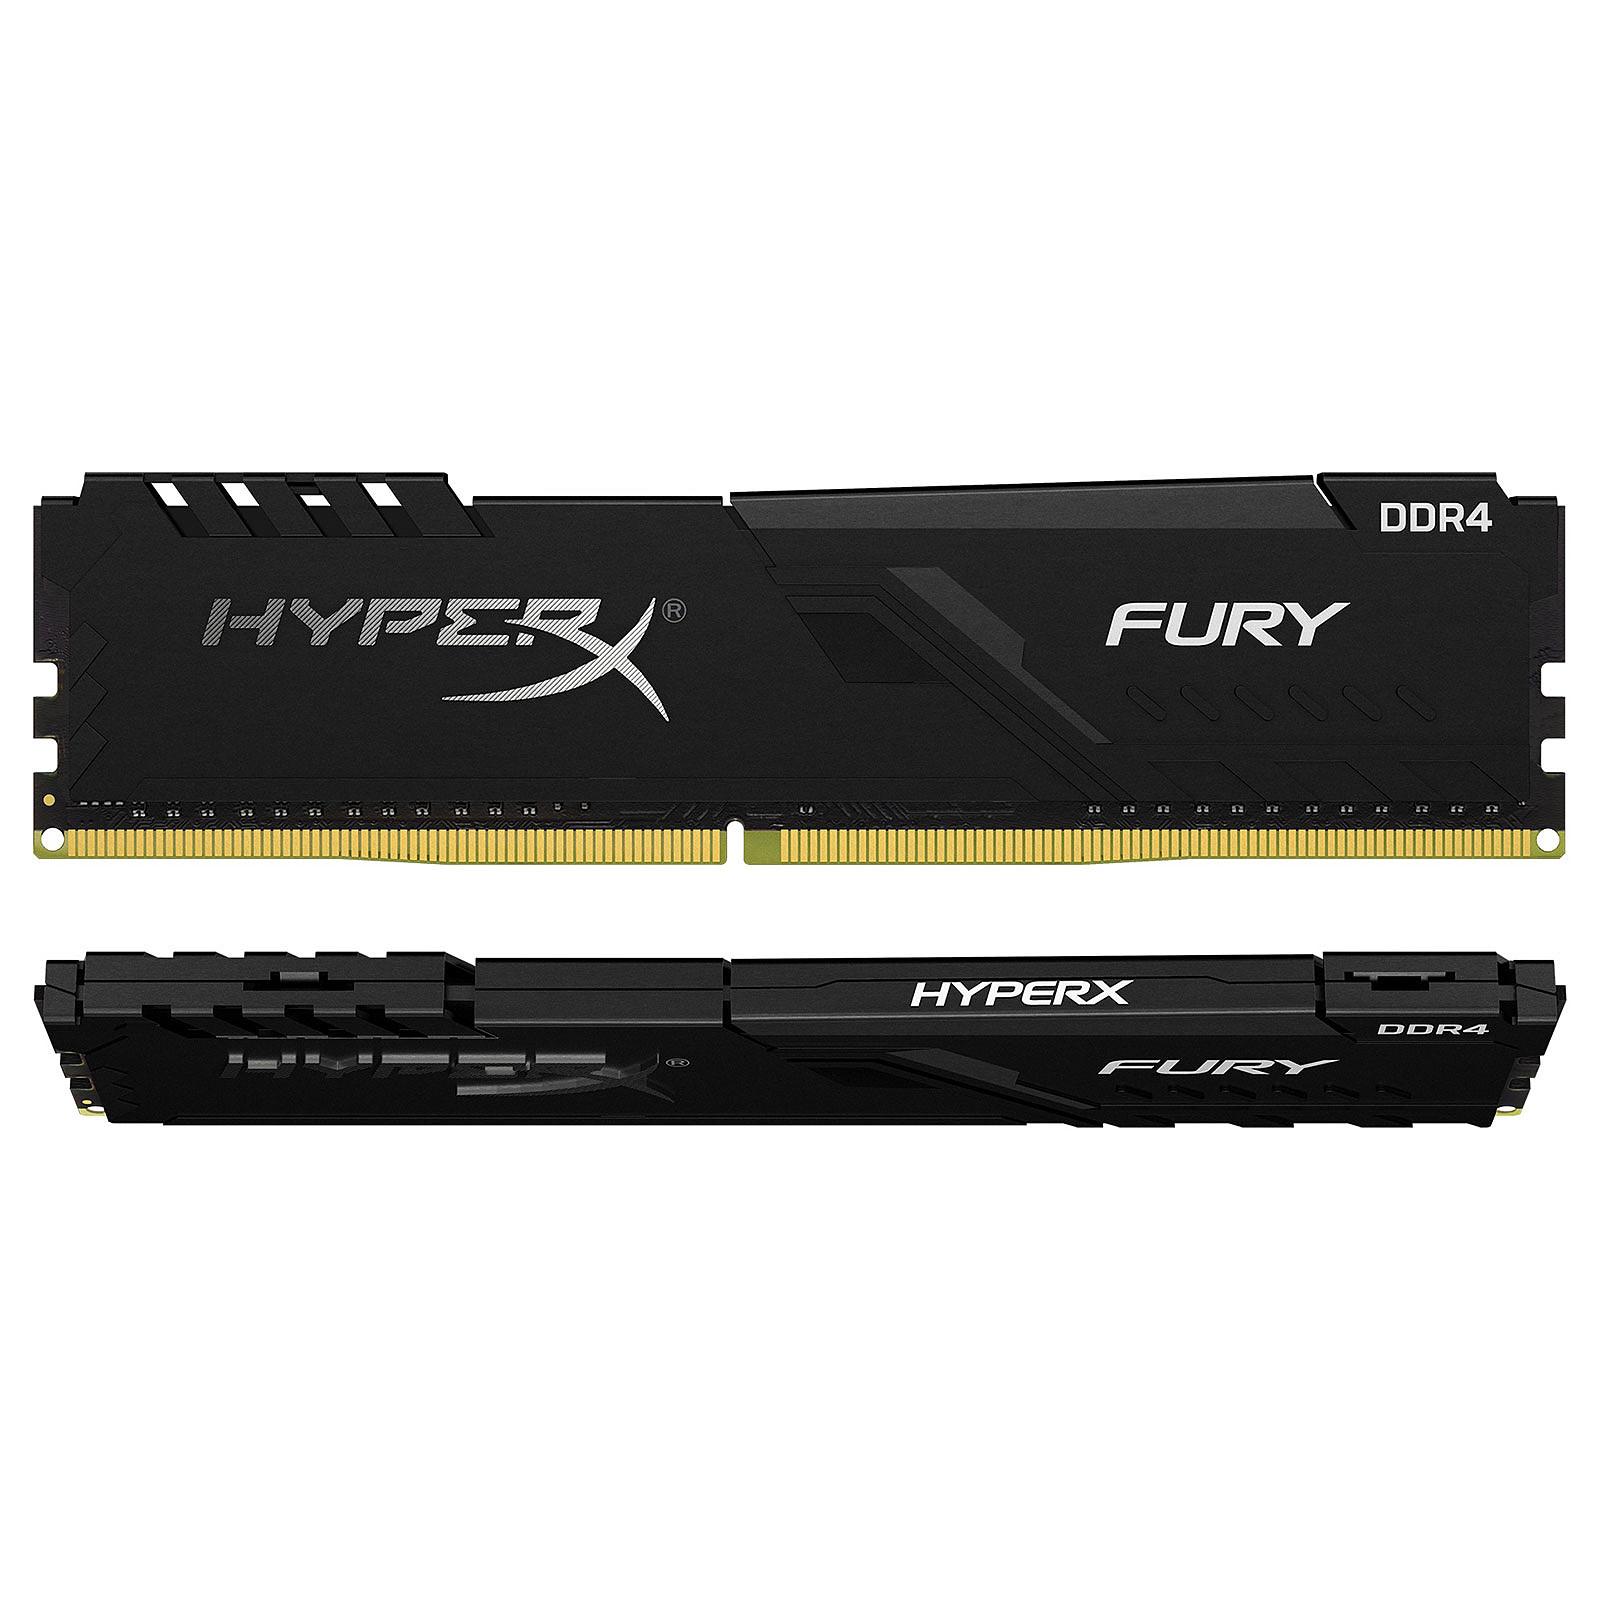 HyperX Fury 16 Go (2 x 8 Go) DDR4 2666 MHz CL16